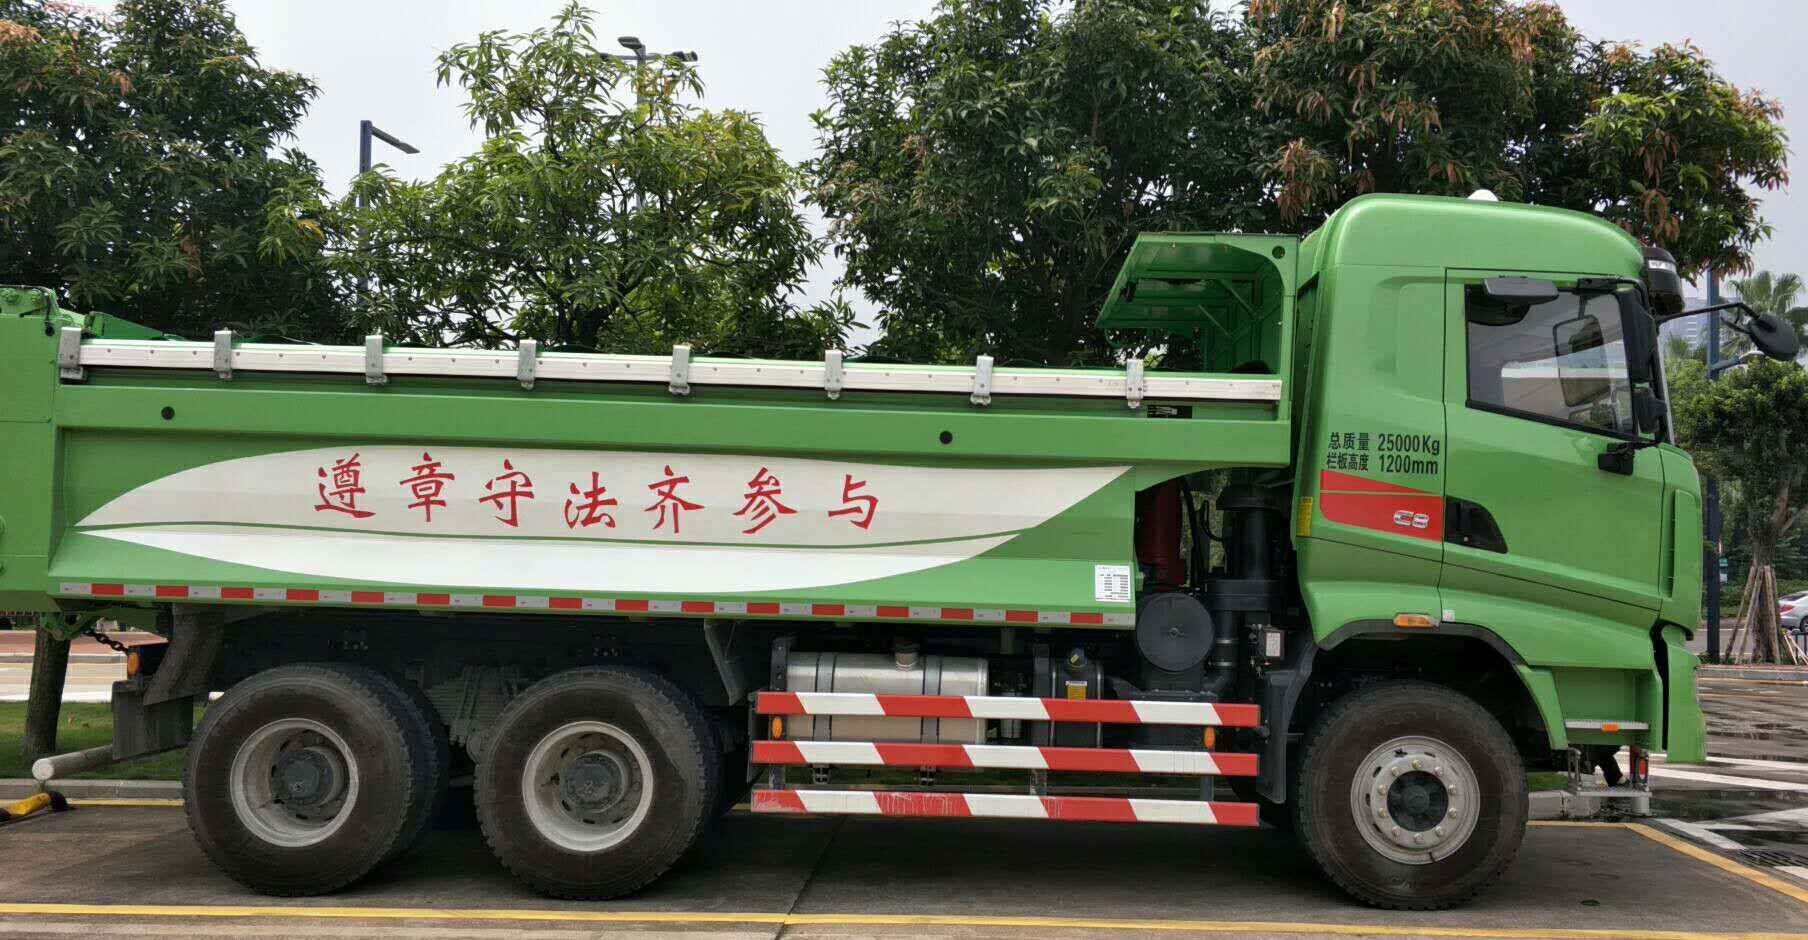 赛威成功案例:佛山市建筑废弃物处置协会渣土车车载监控